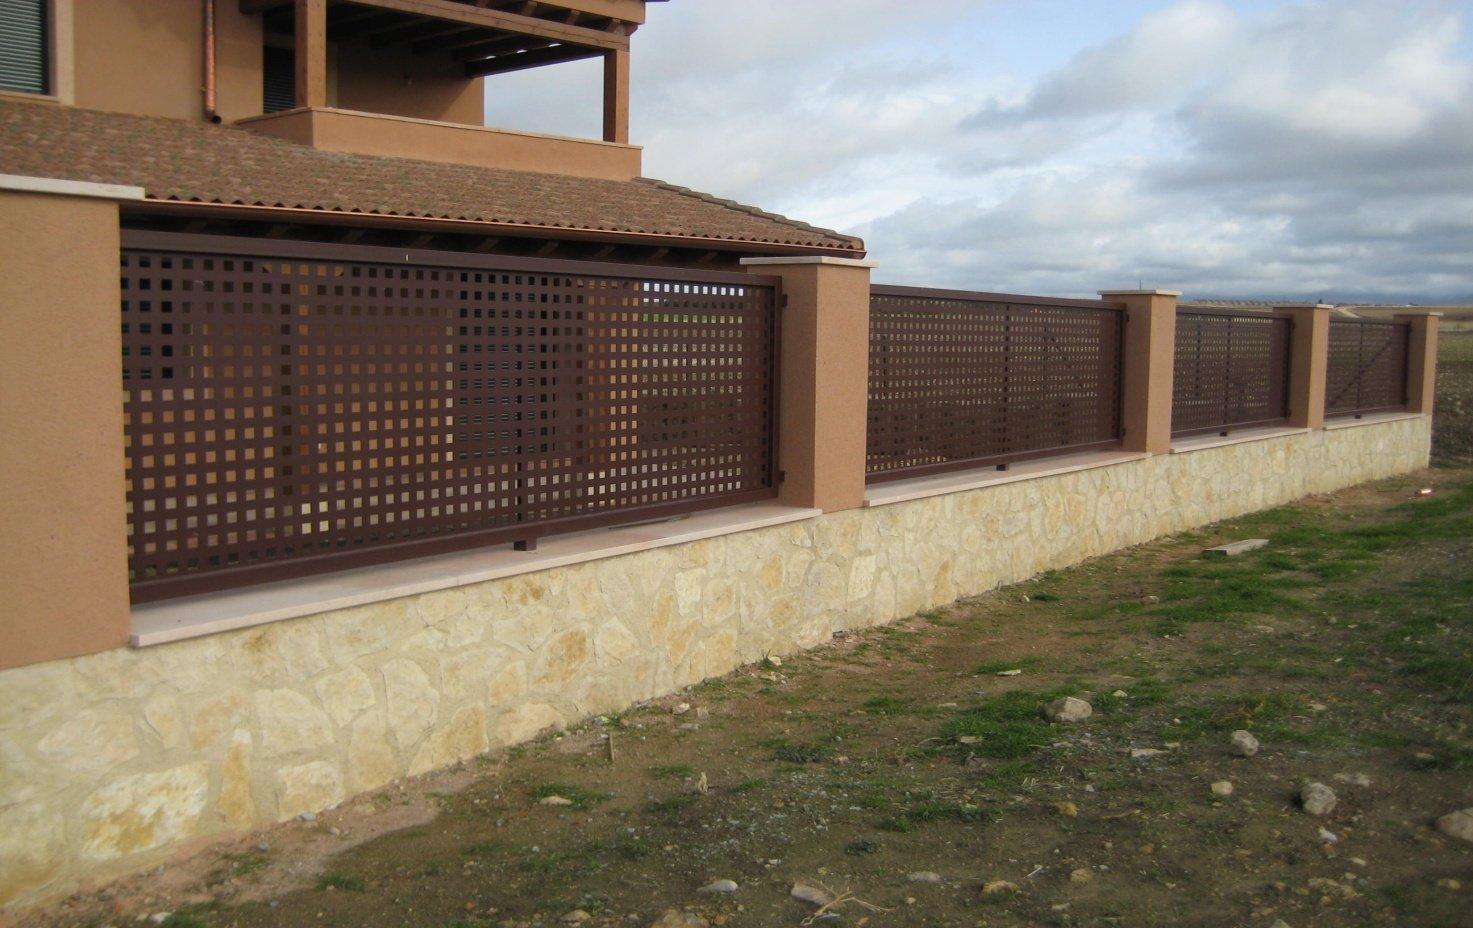 Vallas de cerramiento for Balancines de madera para jardin